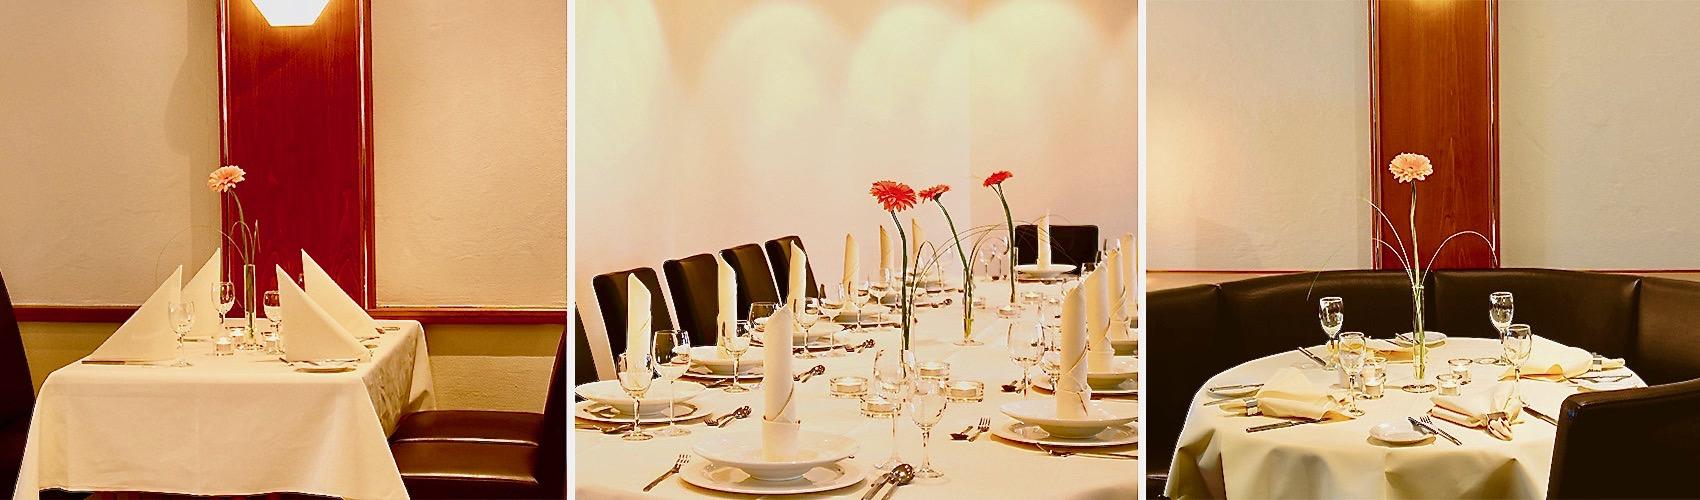 lemarron Restaurant Ambiente Tischdekoration